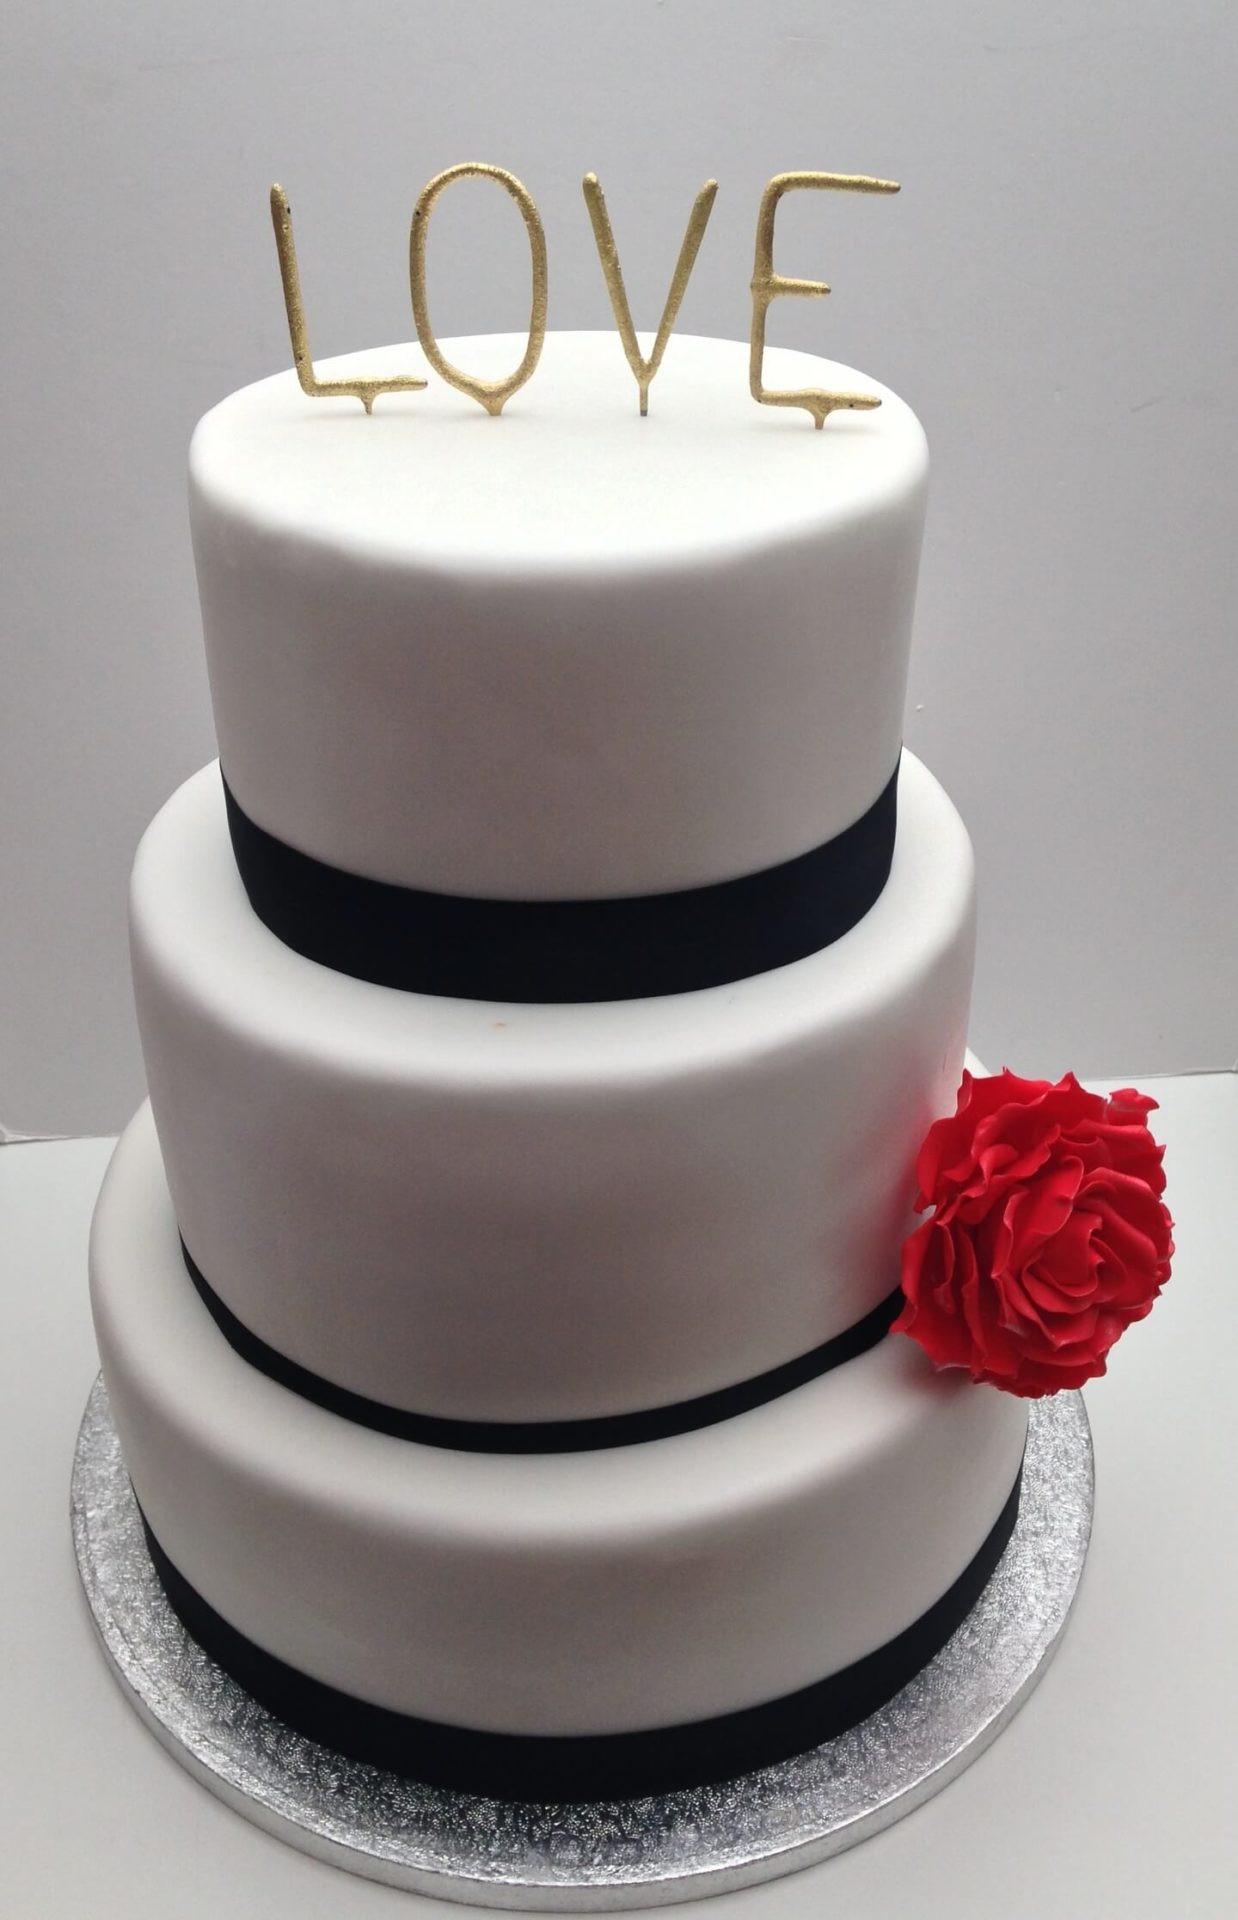 Hochzeitstorte Günstig Online Bestellen  Hochzeitstorte bestellen line Jasi´s Cupcakelädle